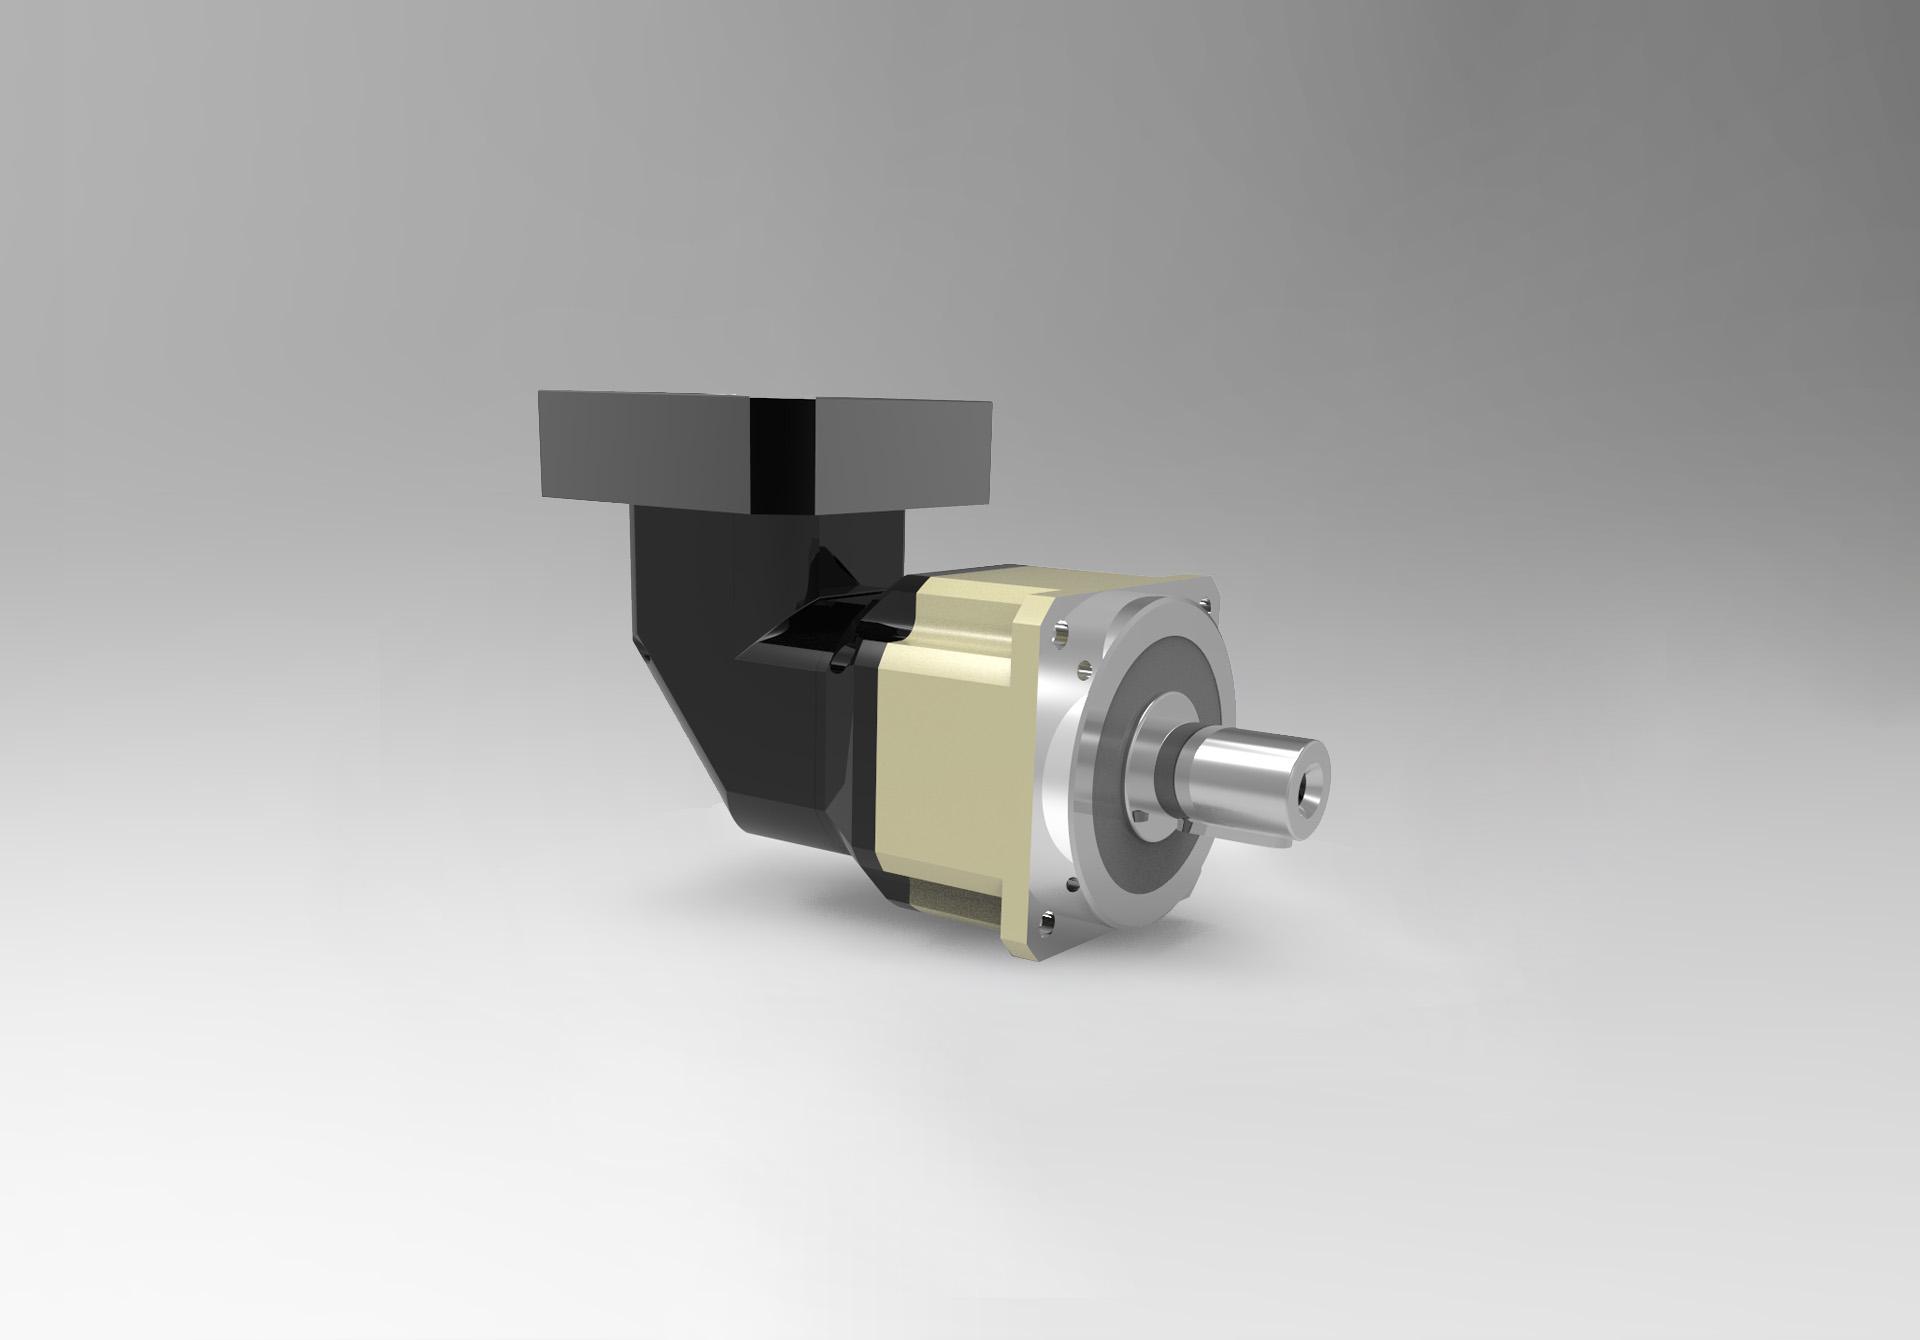 为什么要用RV减速机 电机使用减速机有什么好处?